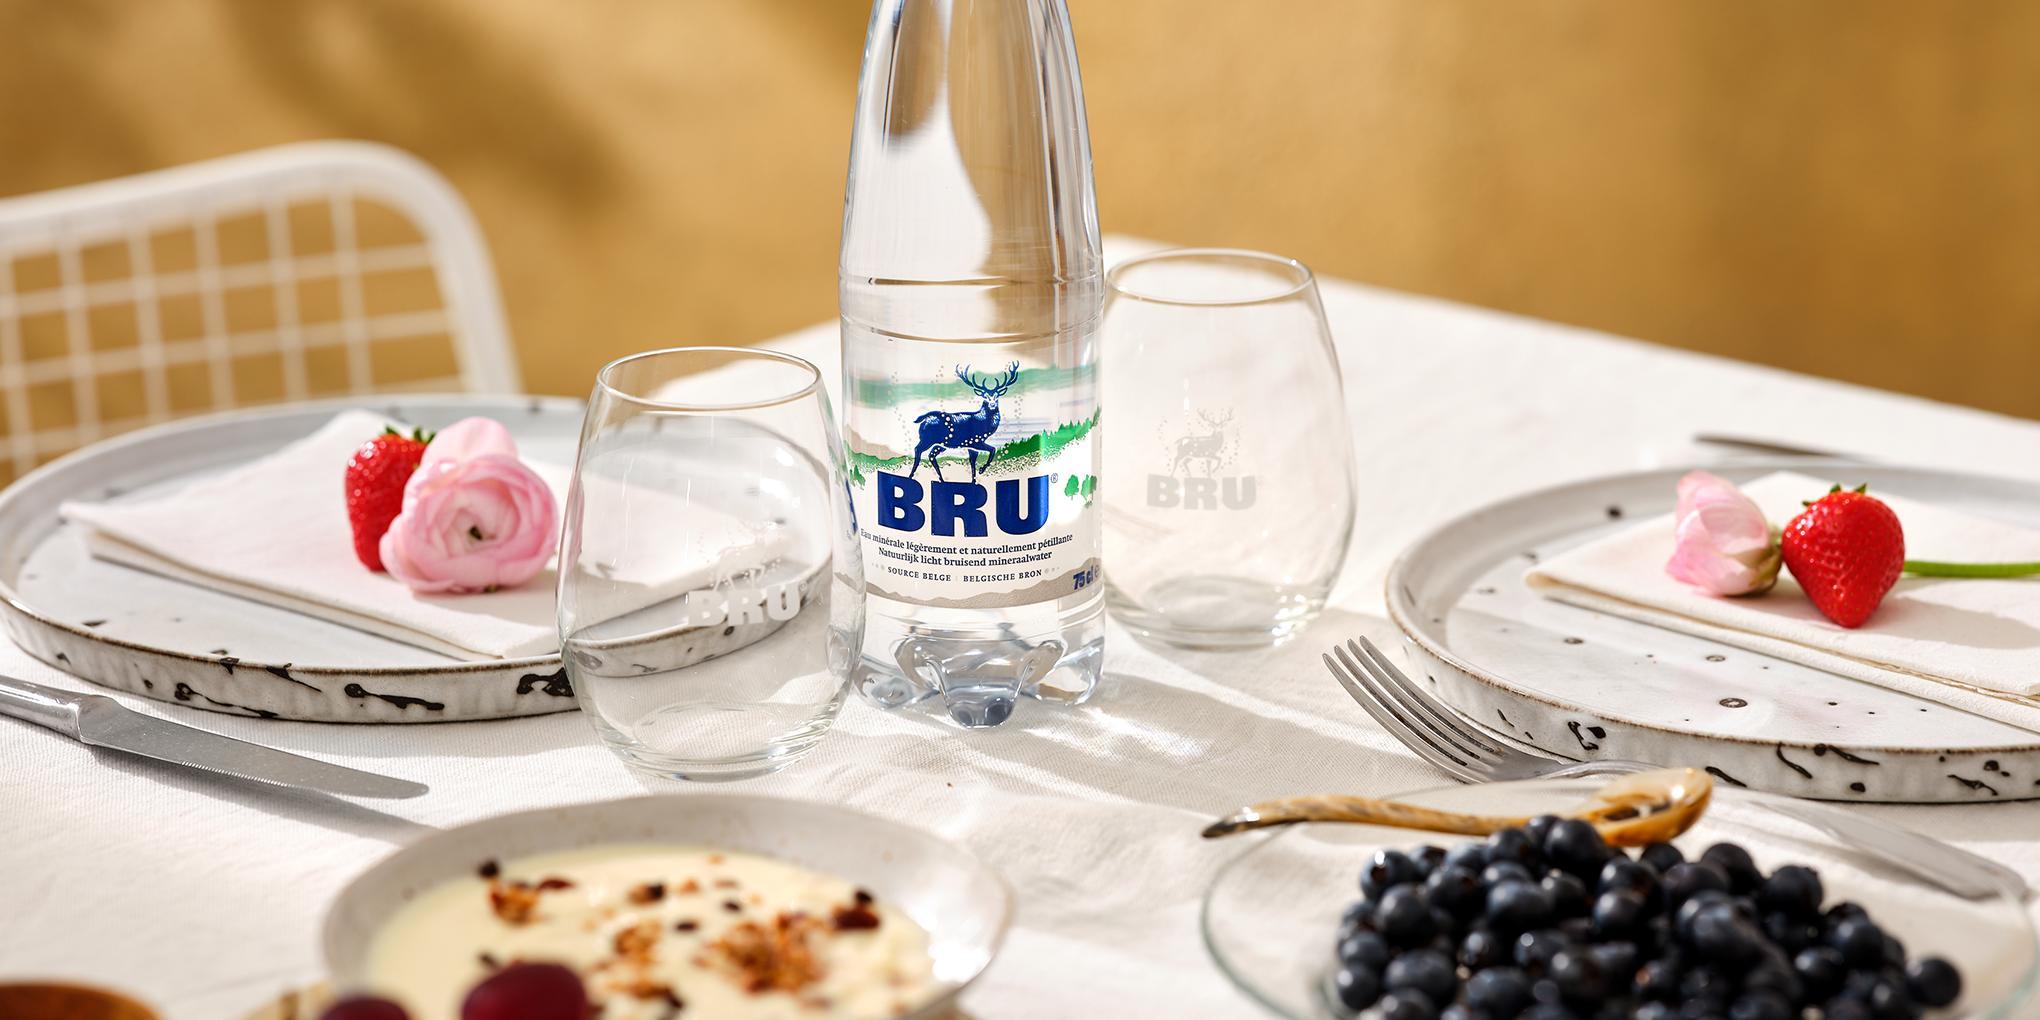 Bouteille de BRU® et produits locaux sur une table